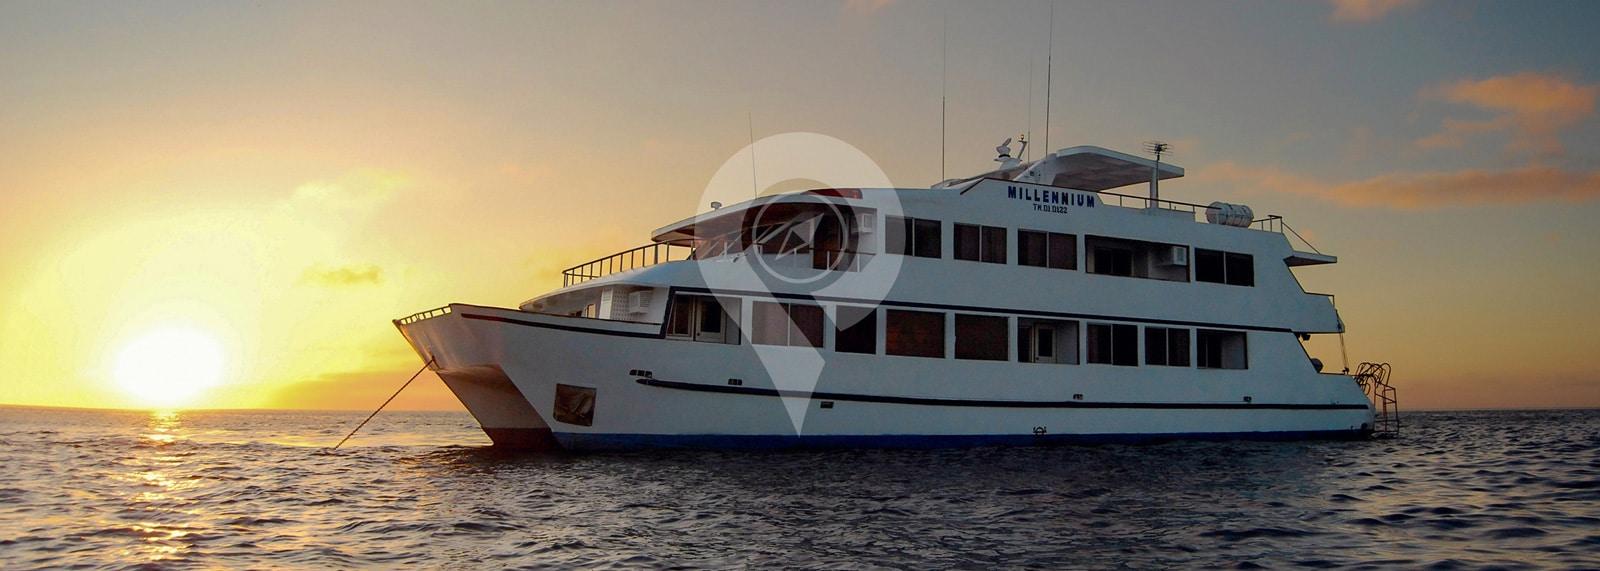 Millennium Galapagos Catamaran